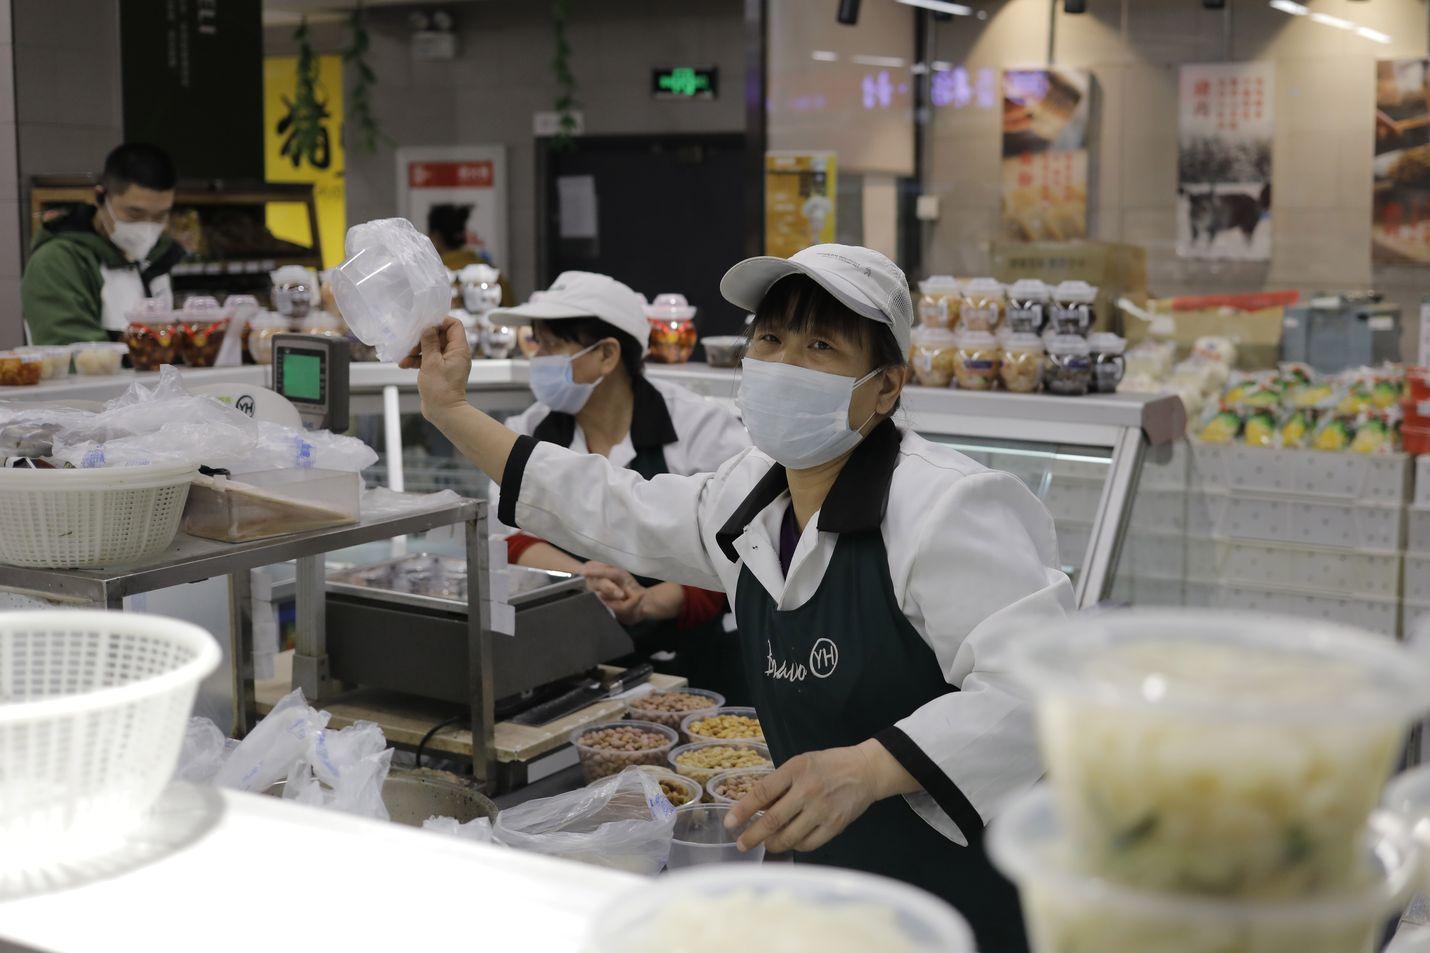 Myyjällä oli kasvoillaan suojamaski kun hän työskenteli Pekingissä sijaitsevassa supermarketissa tiistaina. Maanantaina ei Kiinassa raportoitu enää uusista paikallisesti levinneistä koronavirustartunnoista Hubein maakunnan ulkopuolella.